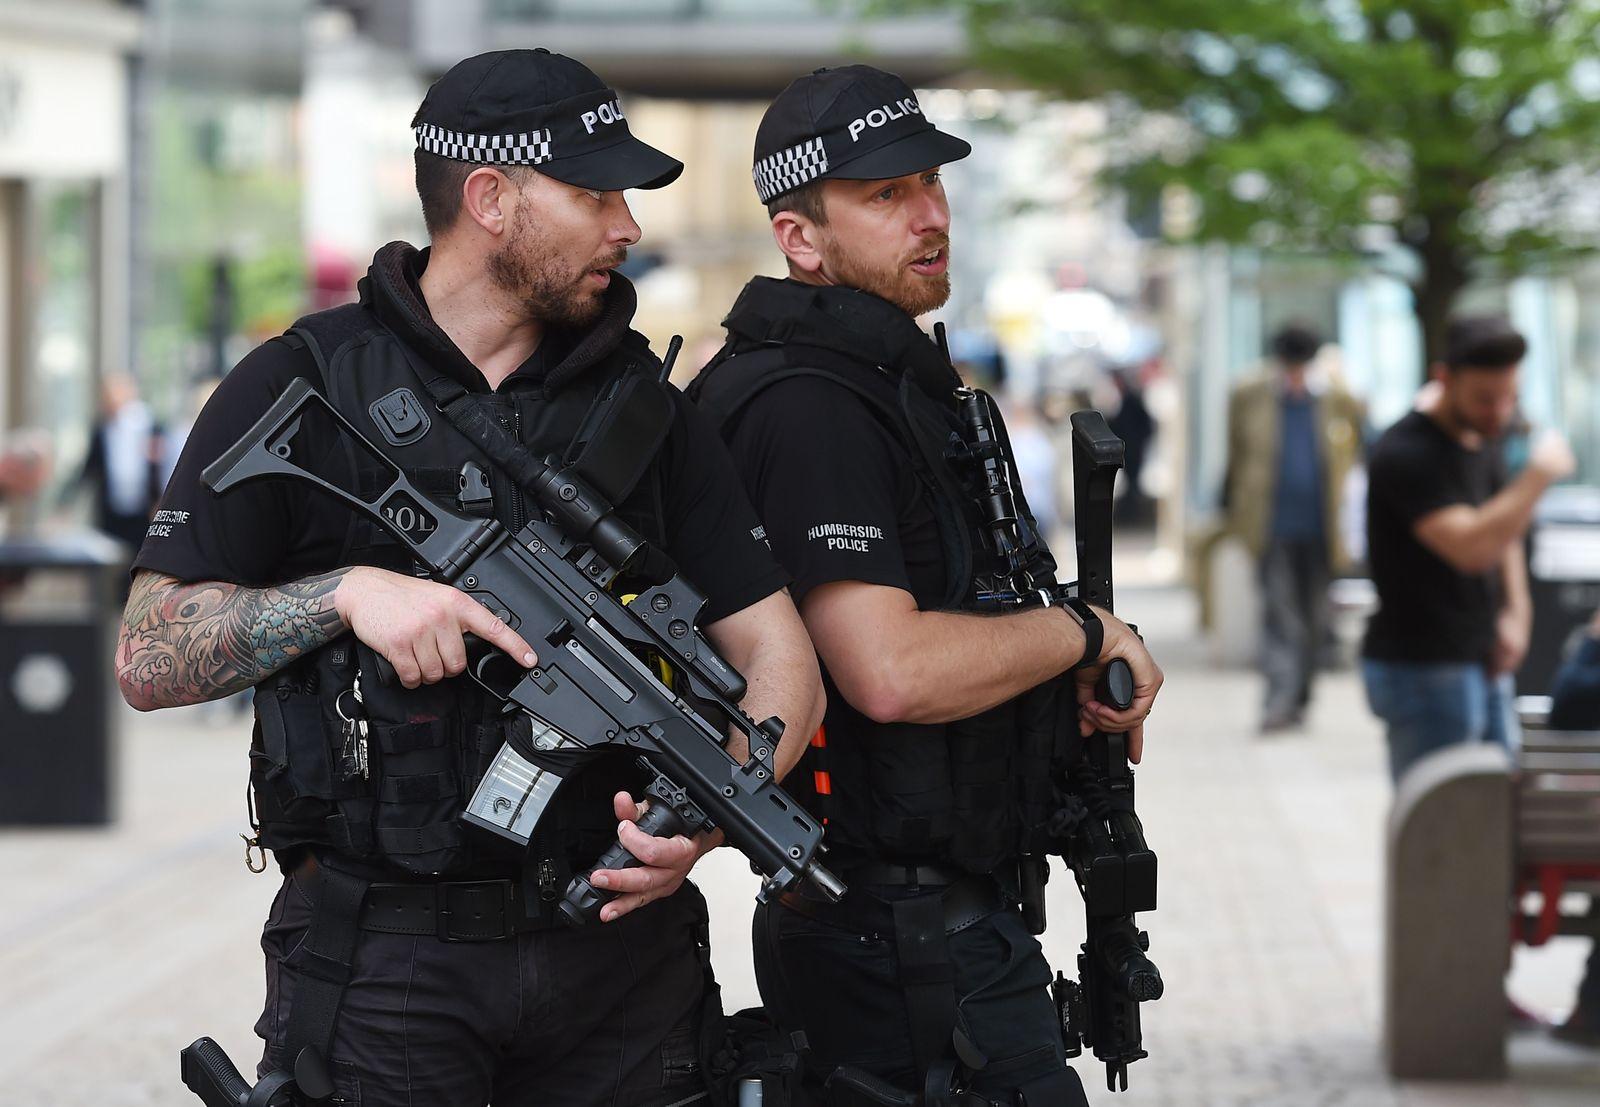 Polizei Manchester